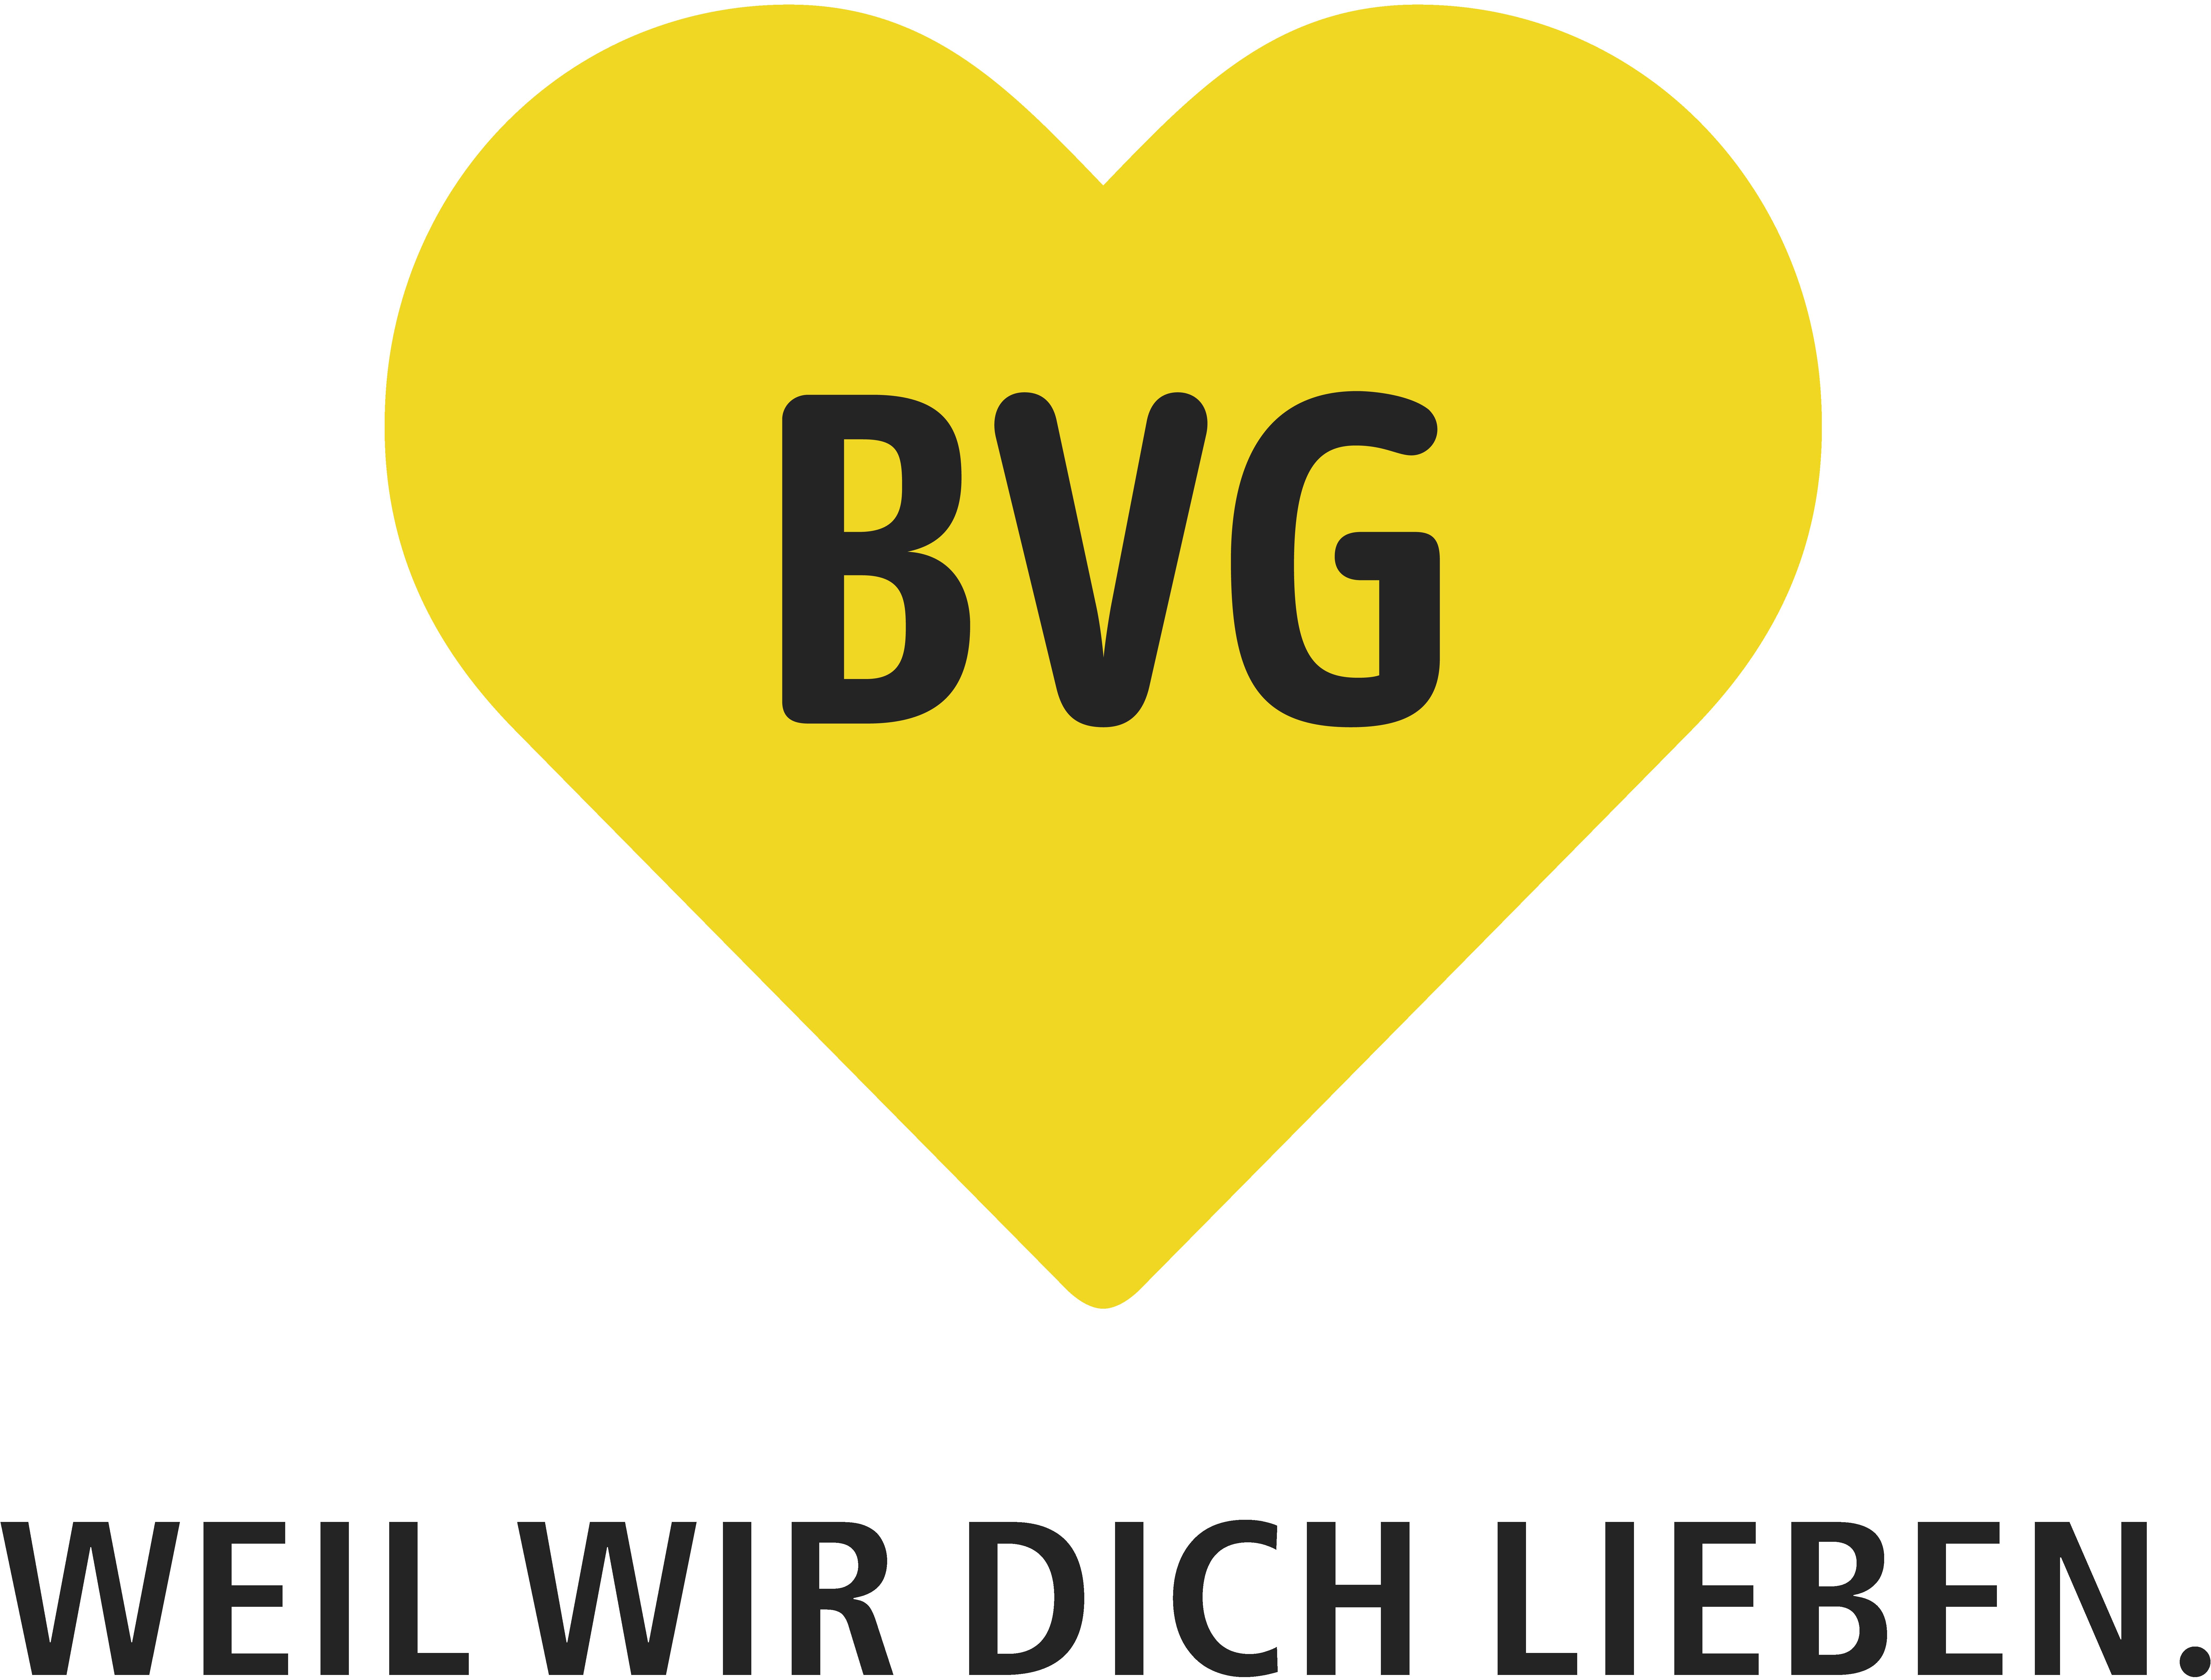 bvg 3 briefing - Bvg Bewerbung